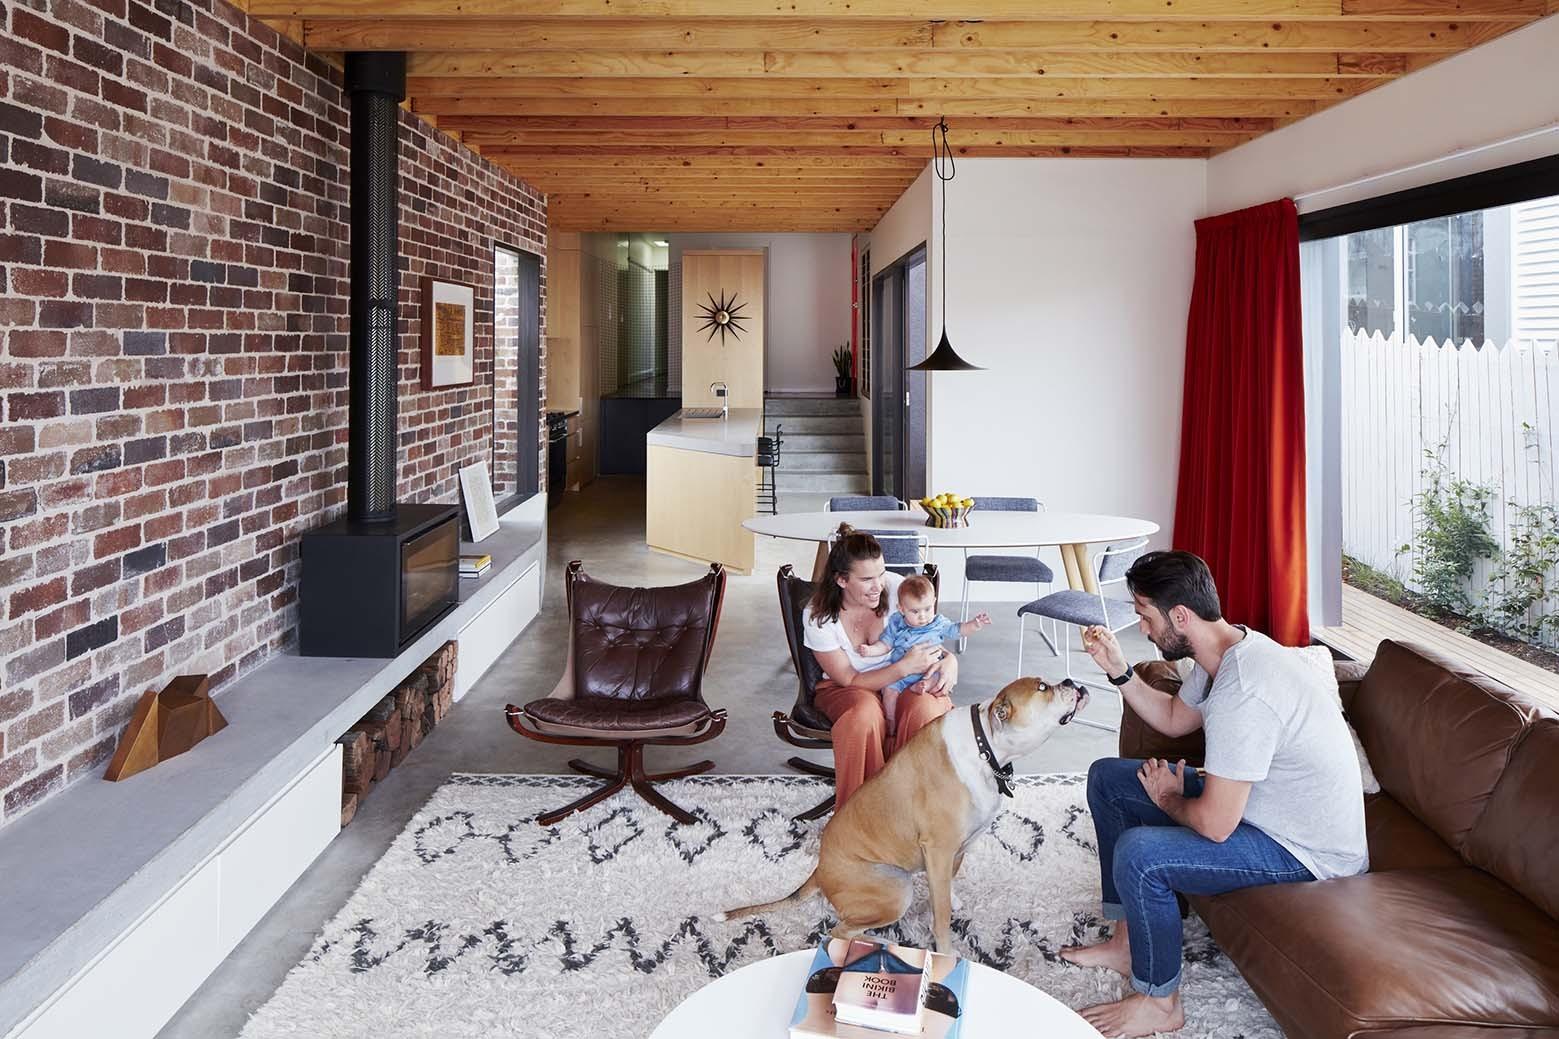 Maroubra House / Those Architects